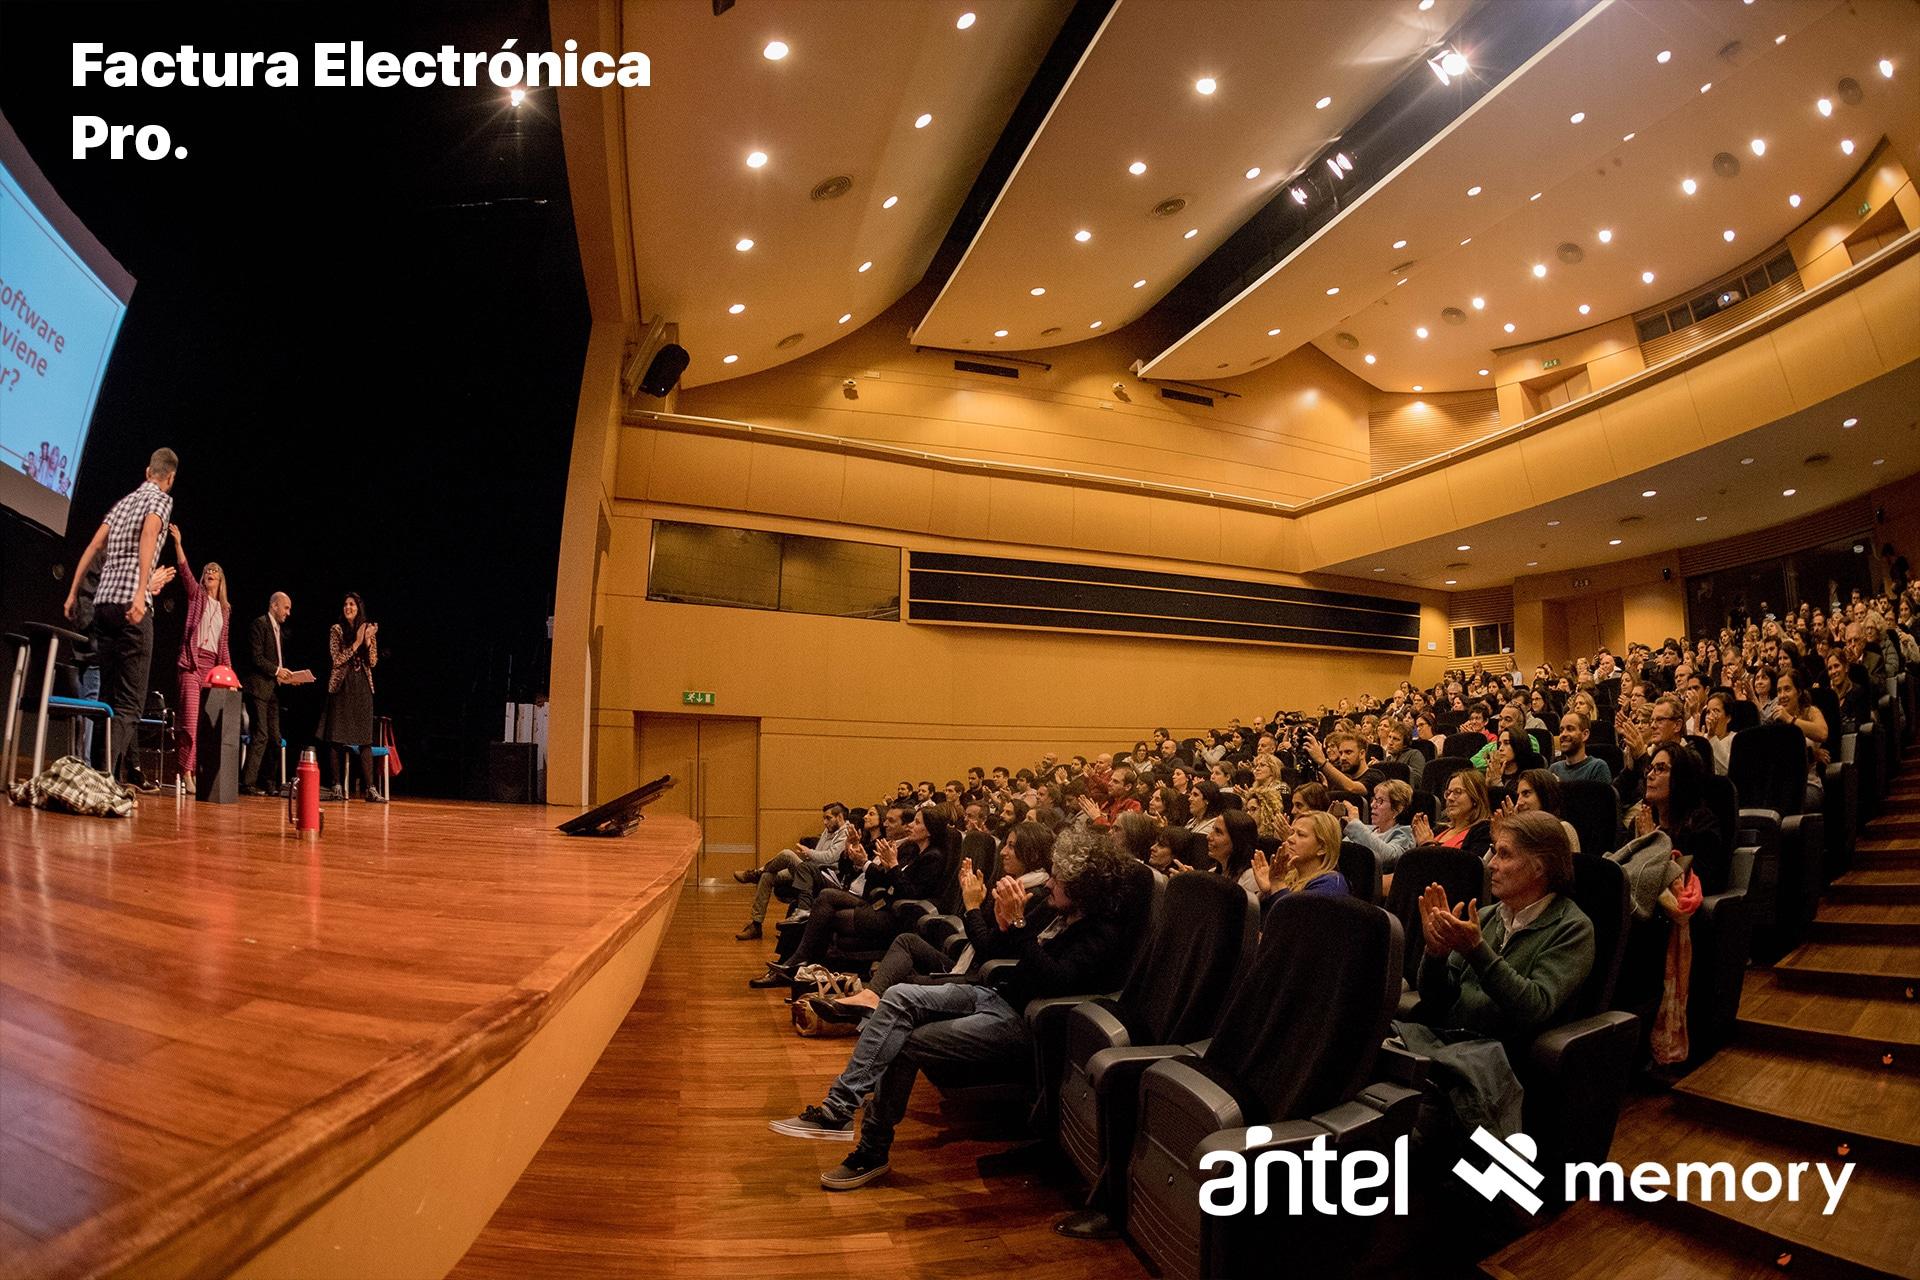 Antel y Memory lanzaron solución de Factura Electrónica para Profesionales y Unipersonales